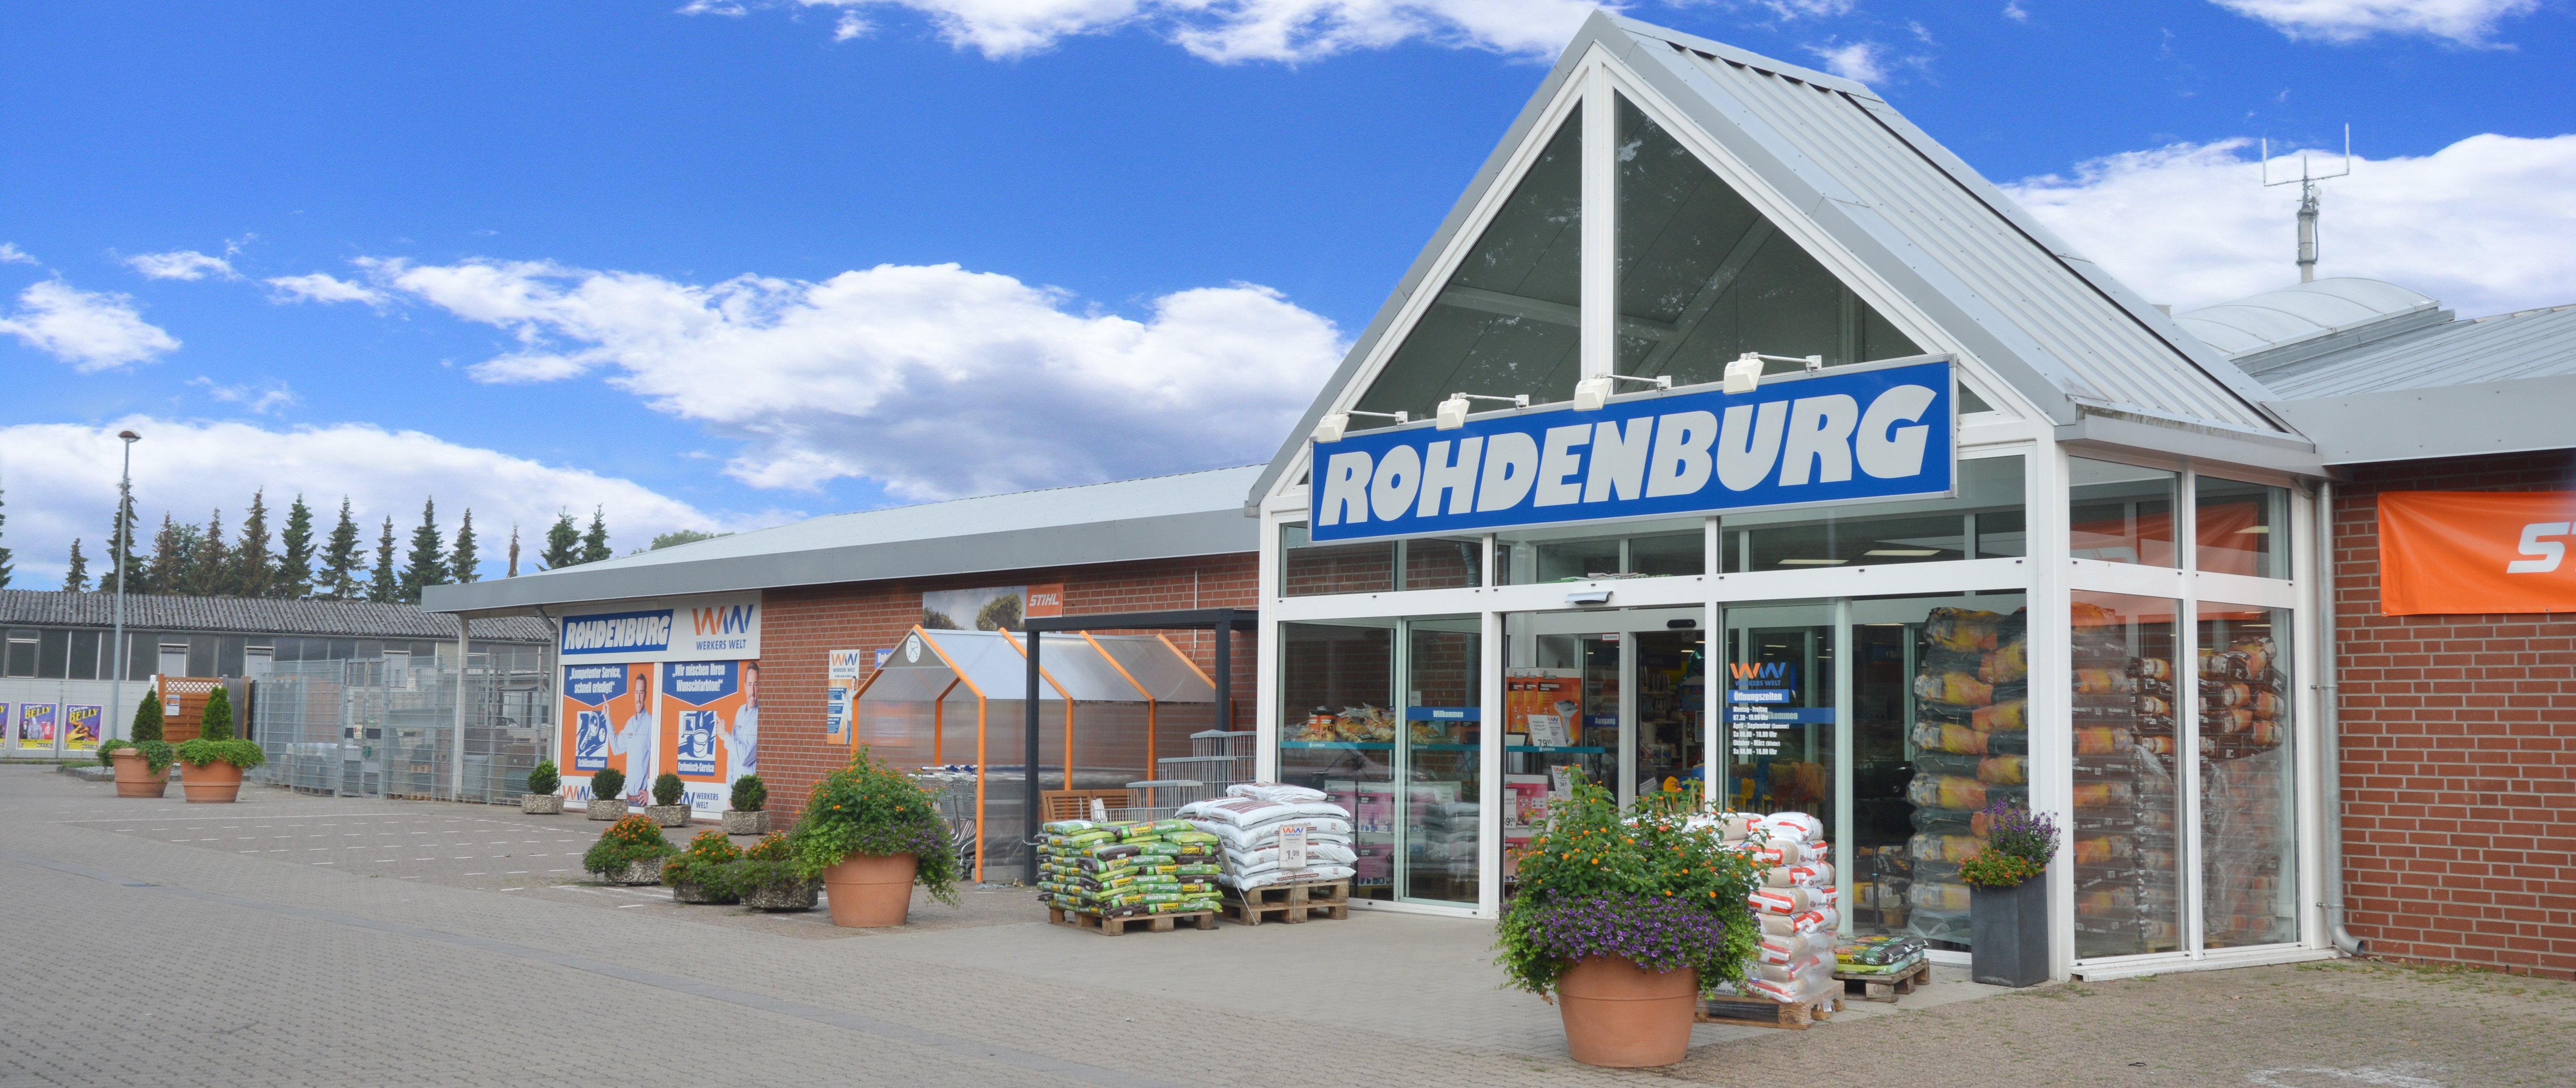 Werkers Welt Rohdenburg H H Rohdenburg Gmbh Ihr Heimwerker Profi